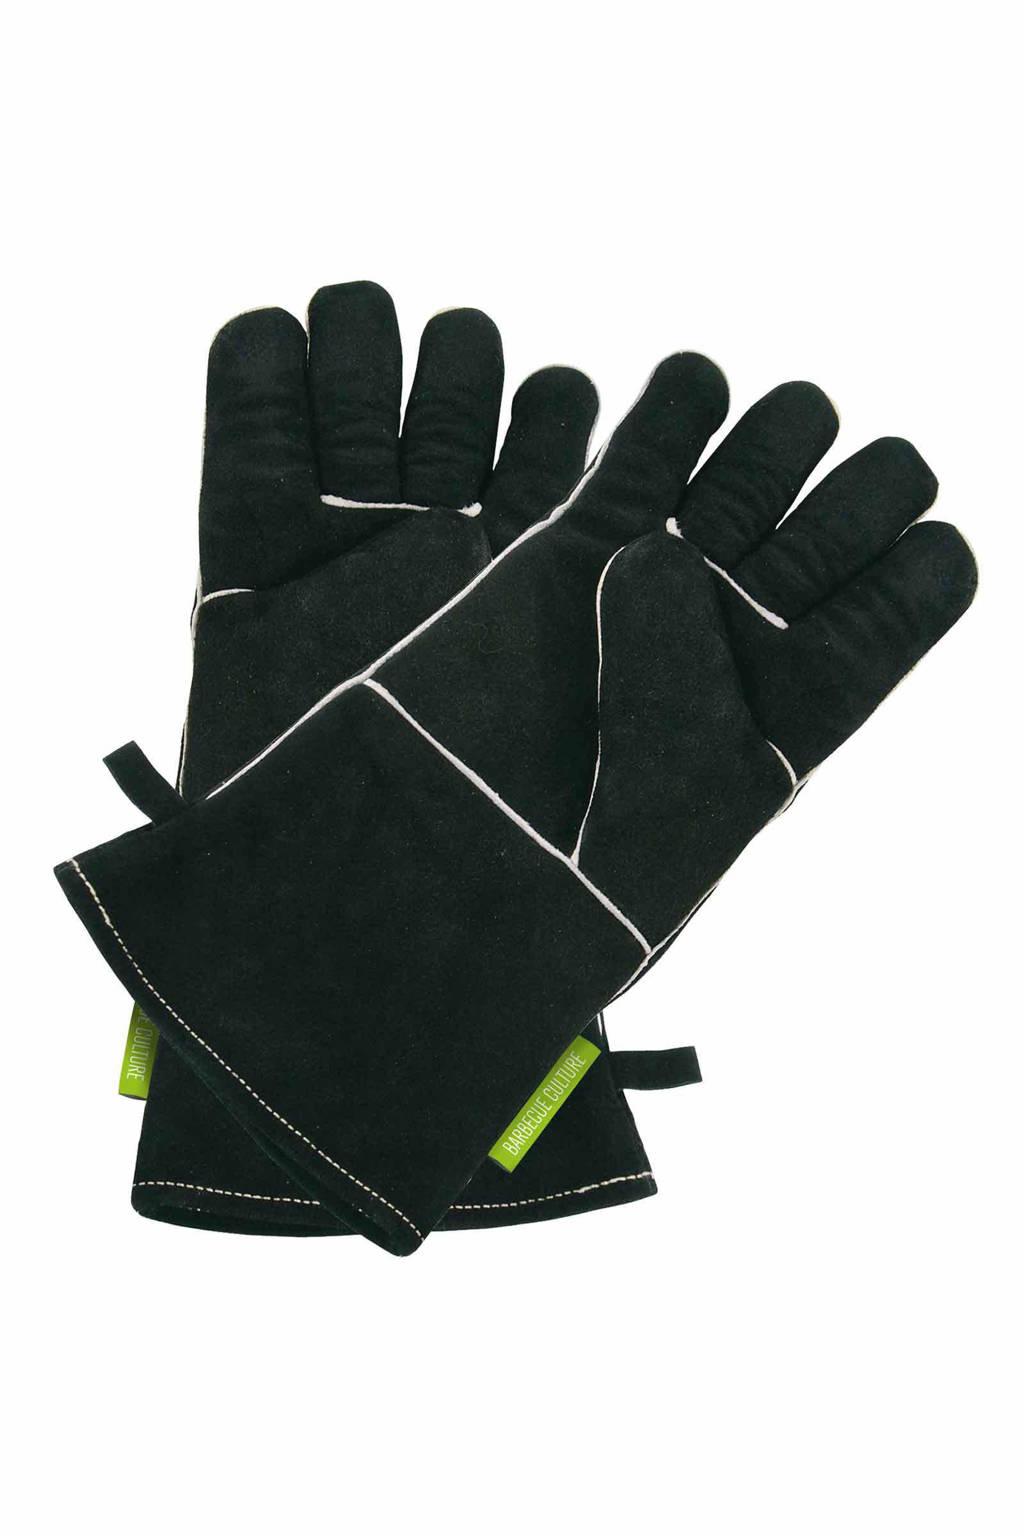 Outdoorchef  leren handschoenen (maat L)